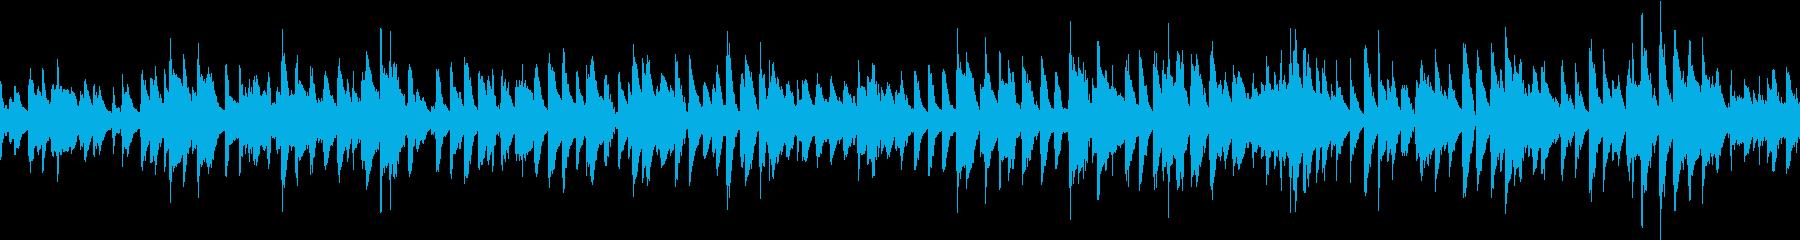 爽やかで軽やかなピアノトリオジャズの再生済みの波形